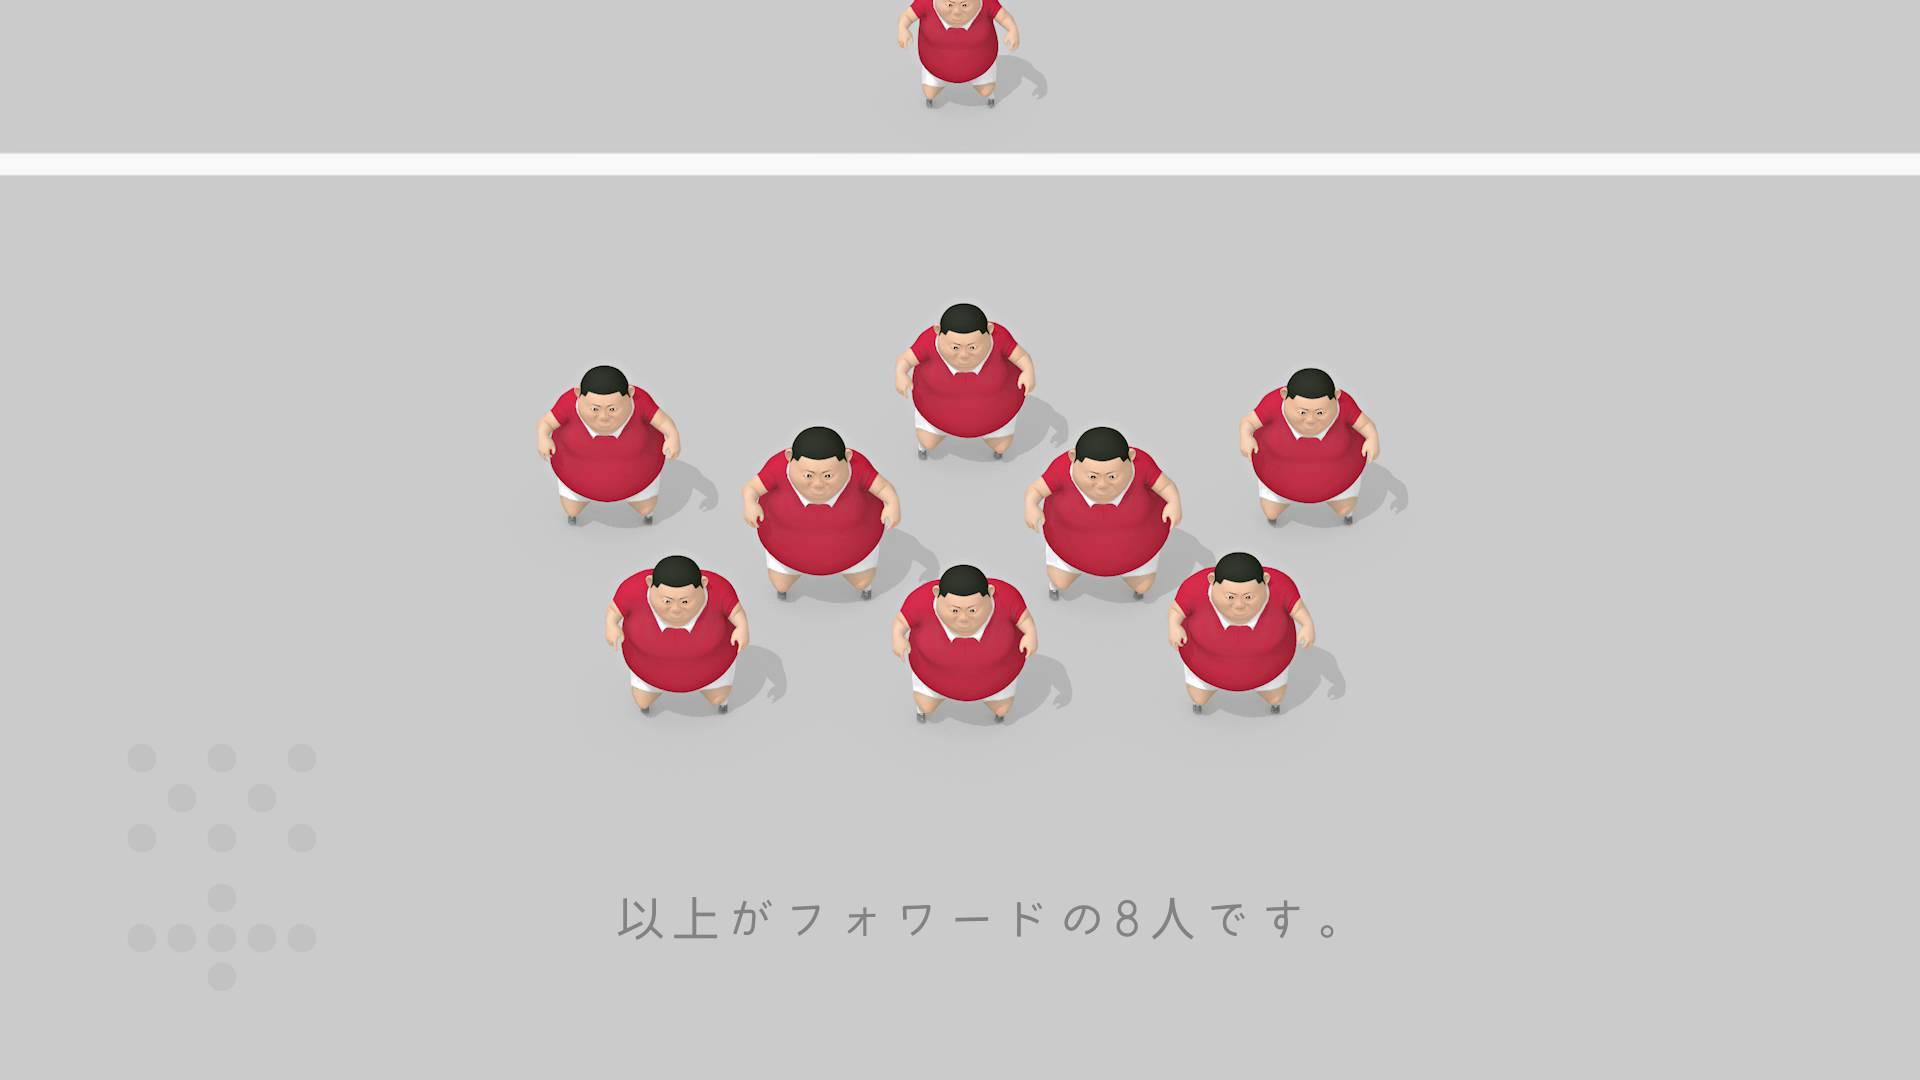 ラグビーのルール <第1巻 ポジション篇> feat. Kishiboy